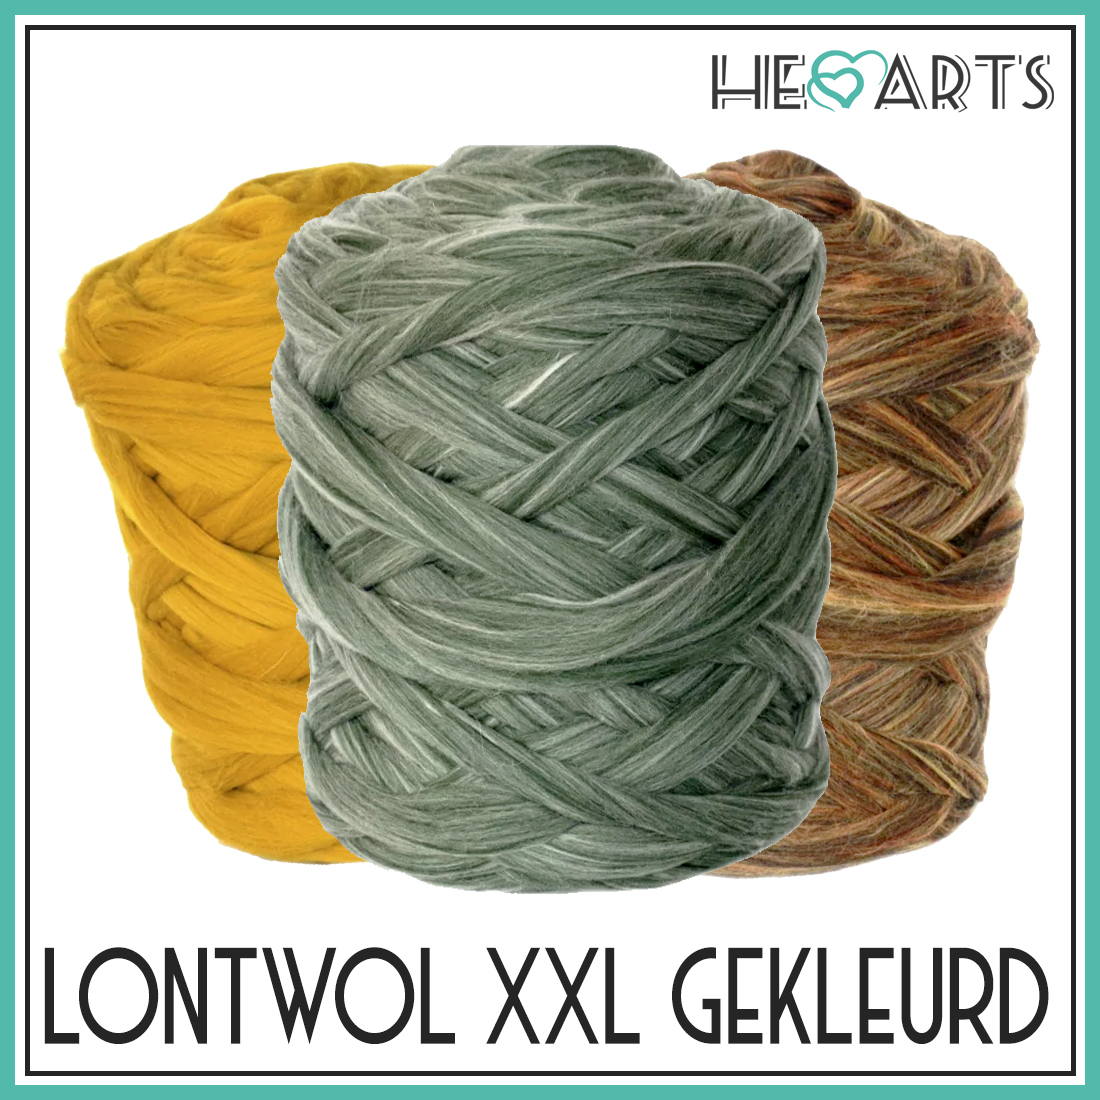 lontwol xxl gekleurd